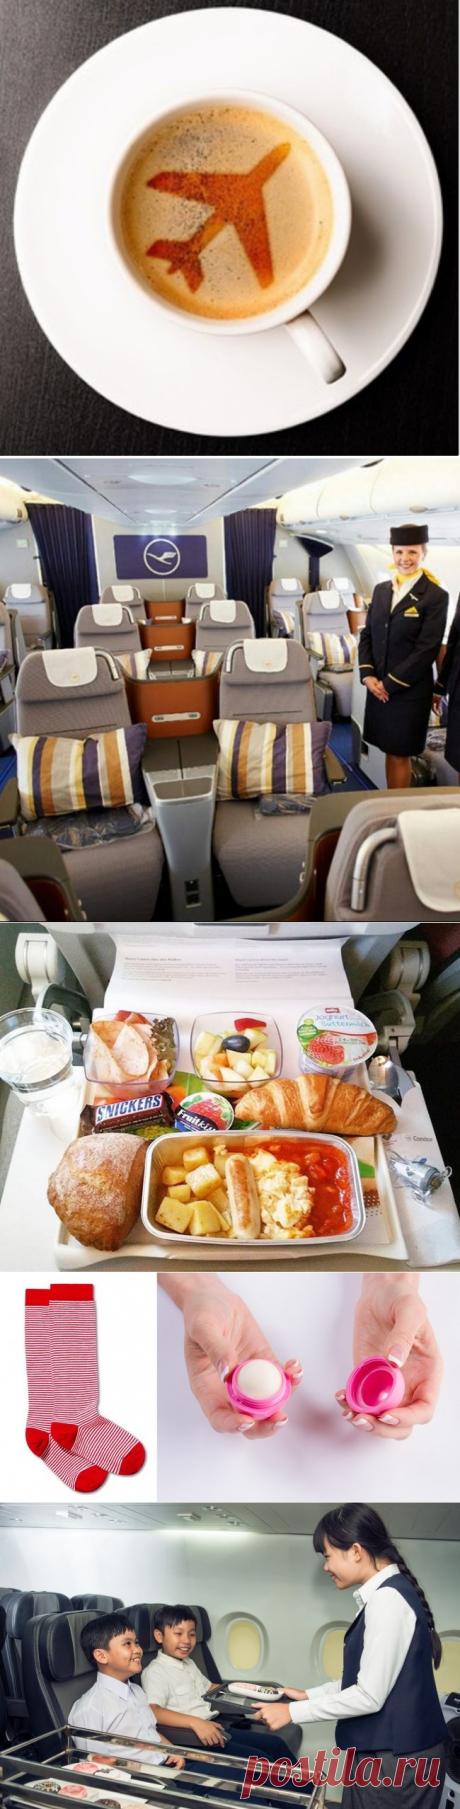 10 бесплатных услуг в самолётах, которыми мало кто пользуется / Туристический спутник